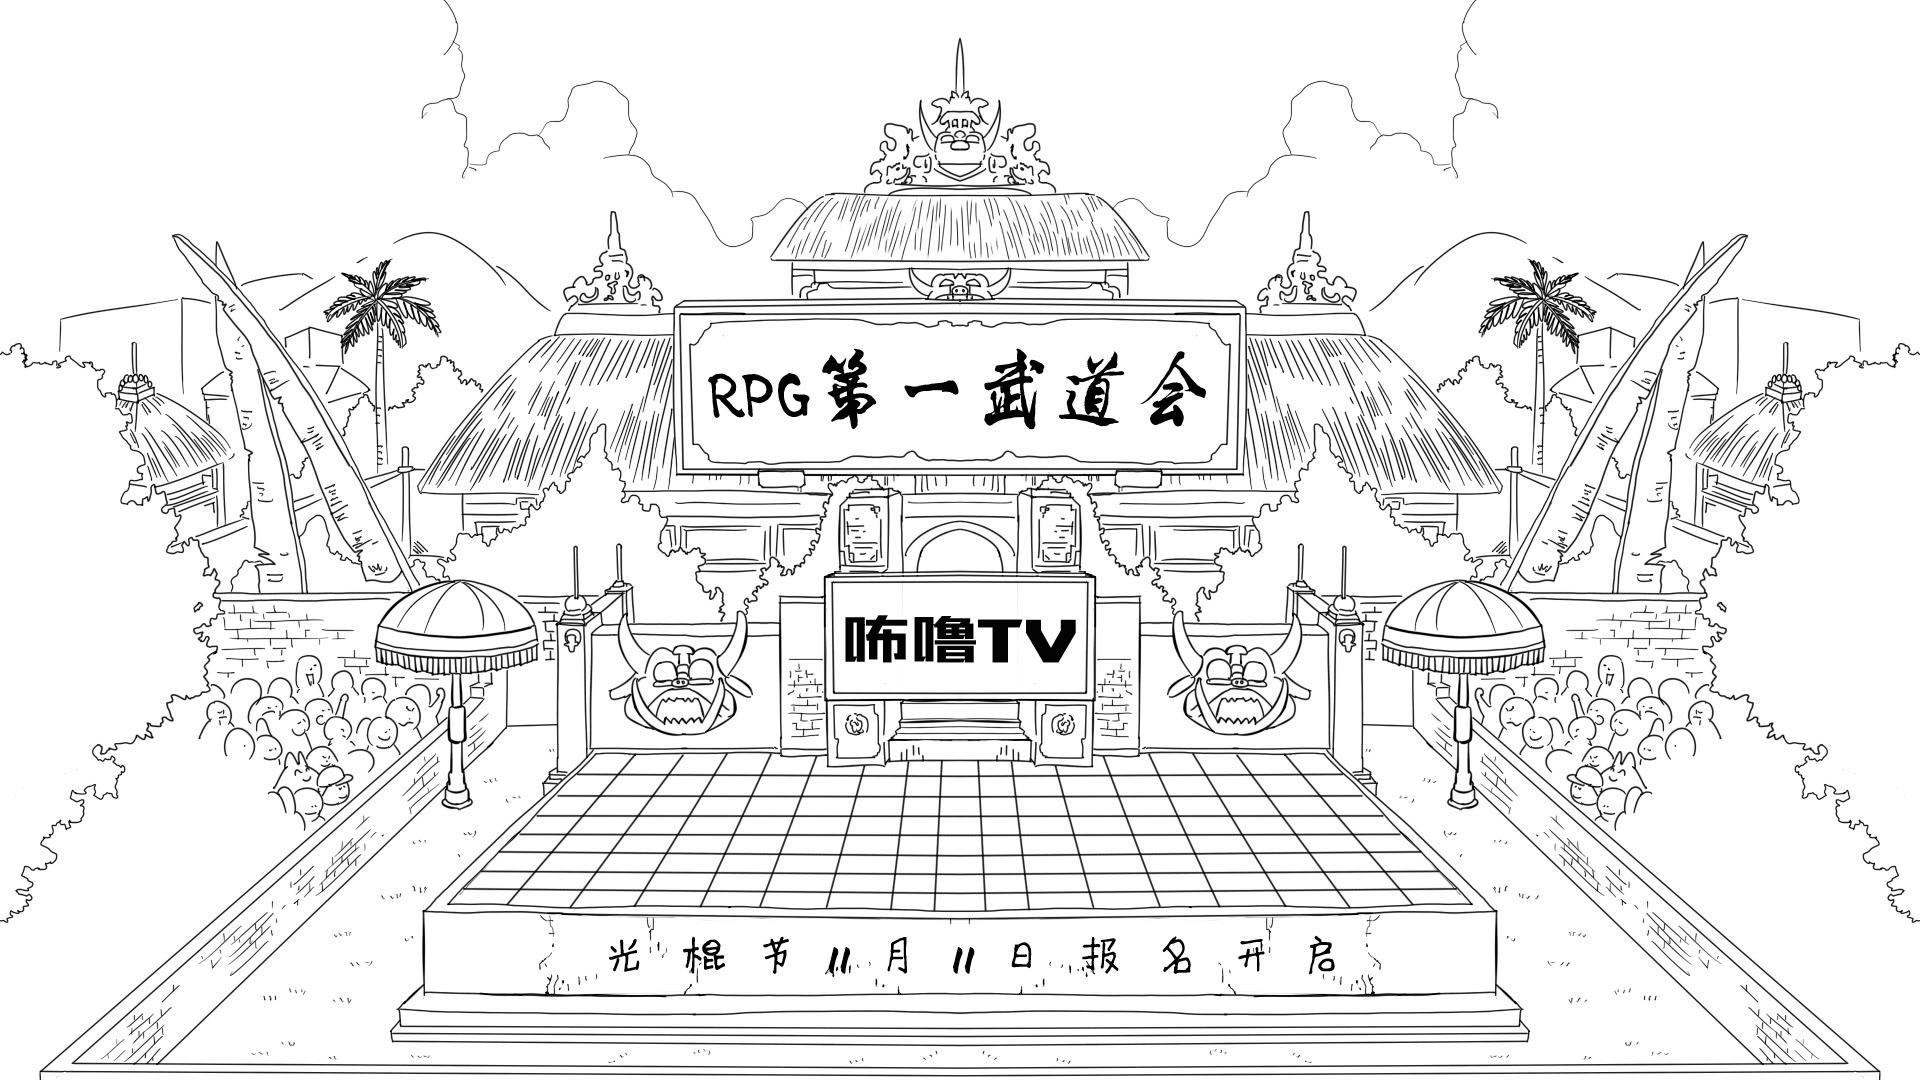 咘噜tv广发英雄帖 dota2 rpg第一武道会启动